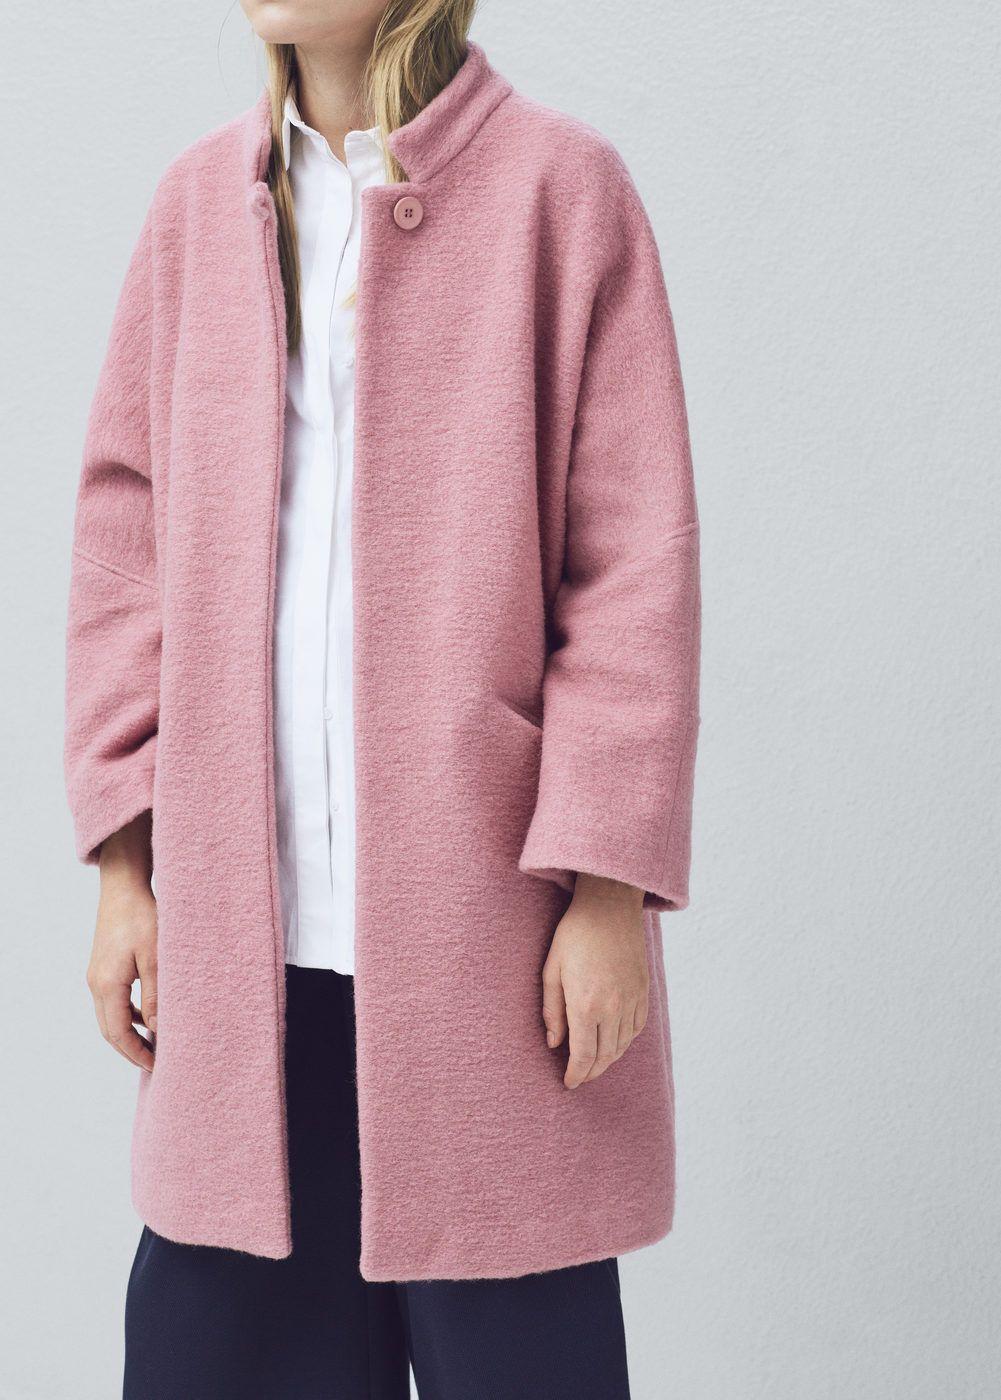 Manteau laine oversize - Femme   Outfits   Manteau, Manteau laine et ... bb8d4474bdc2